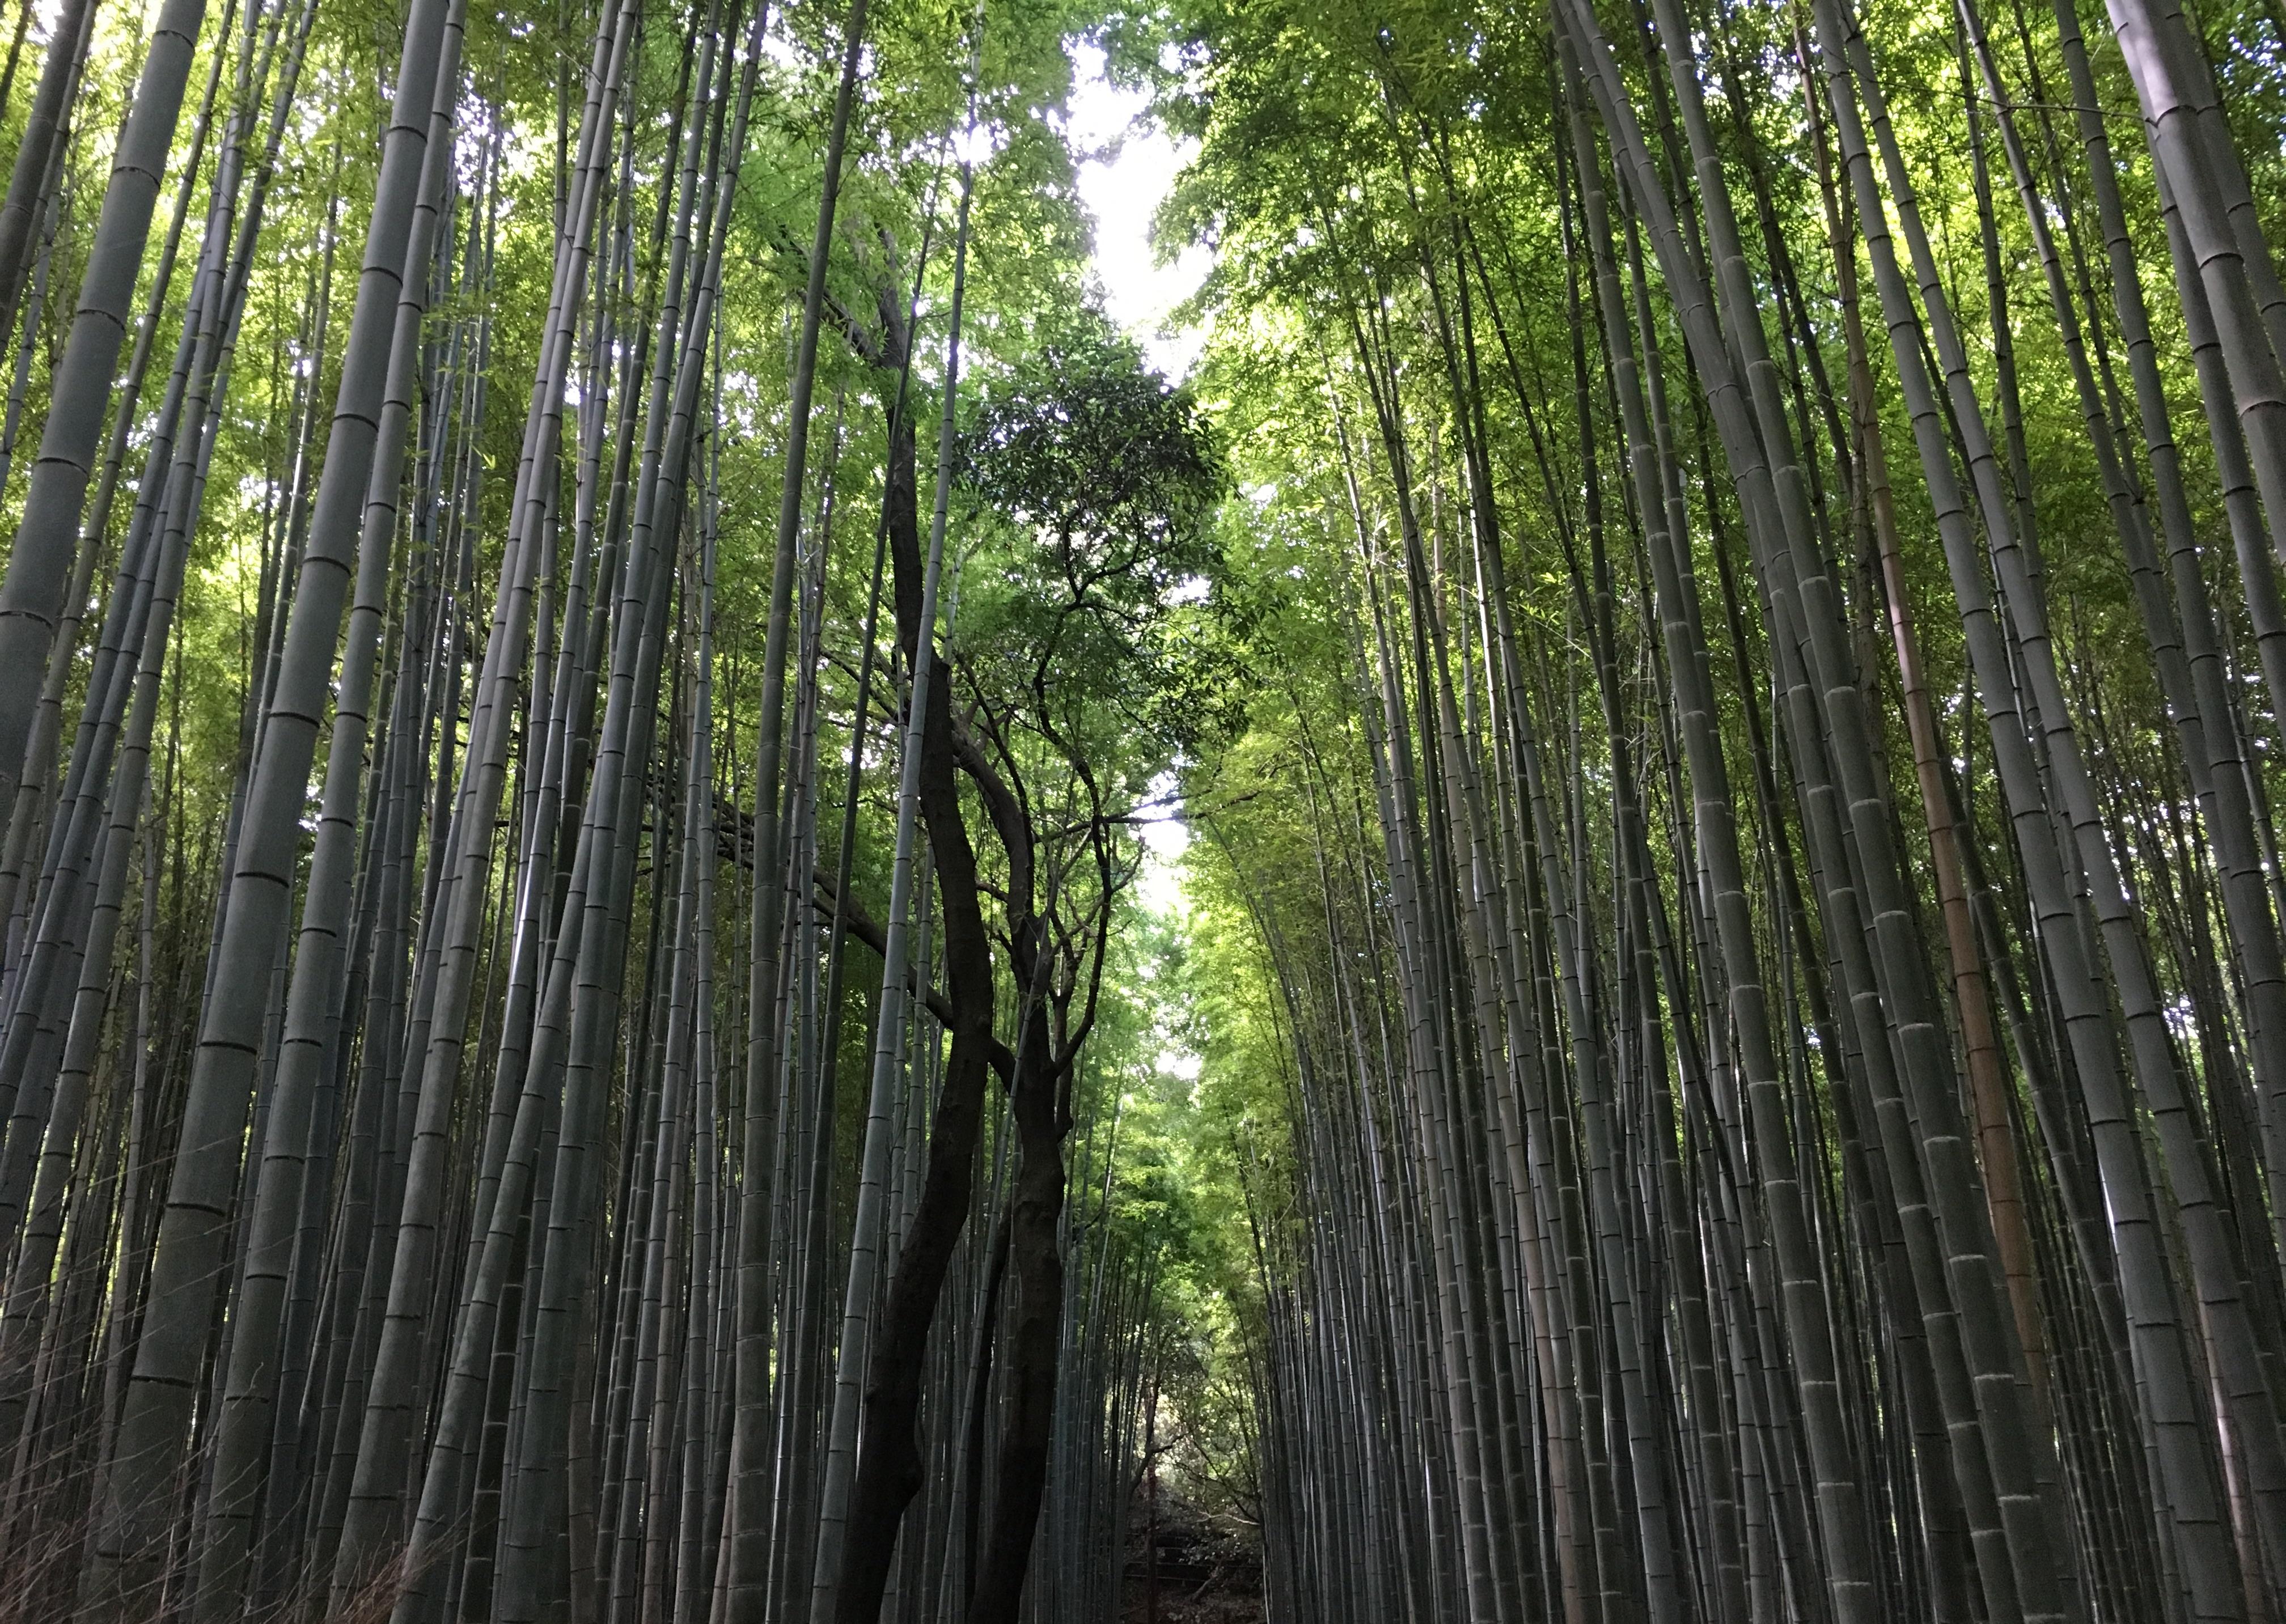 Bambuswald Schein - Kyoto